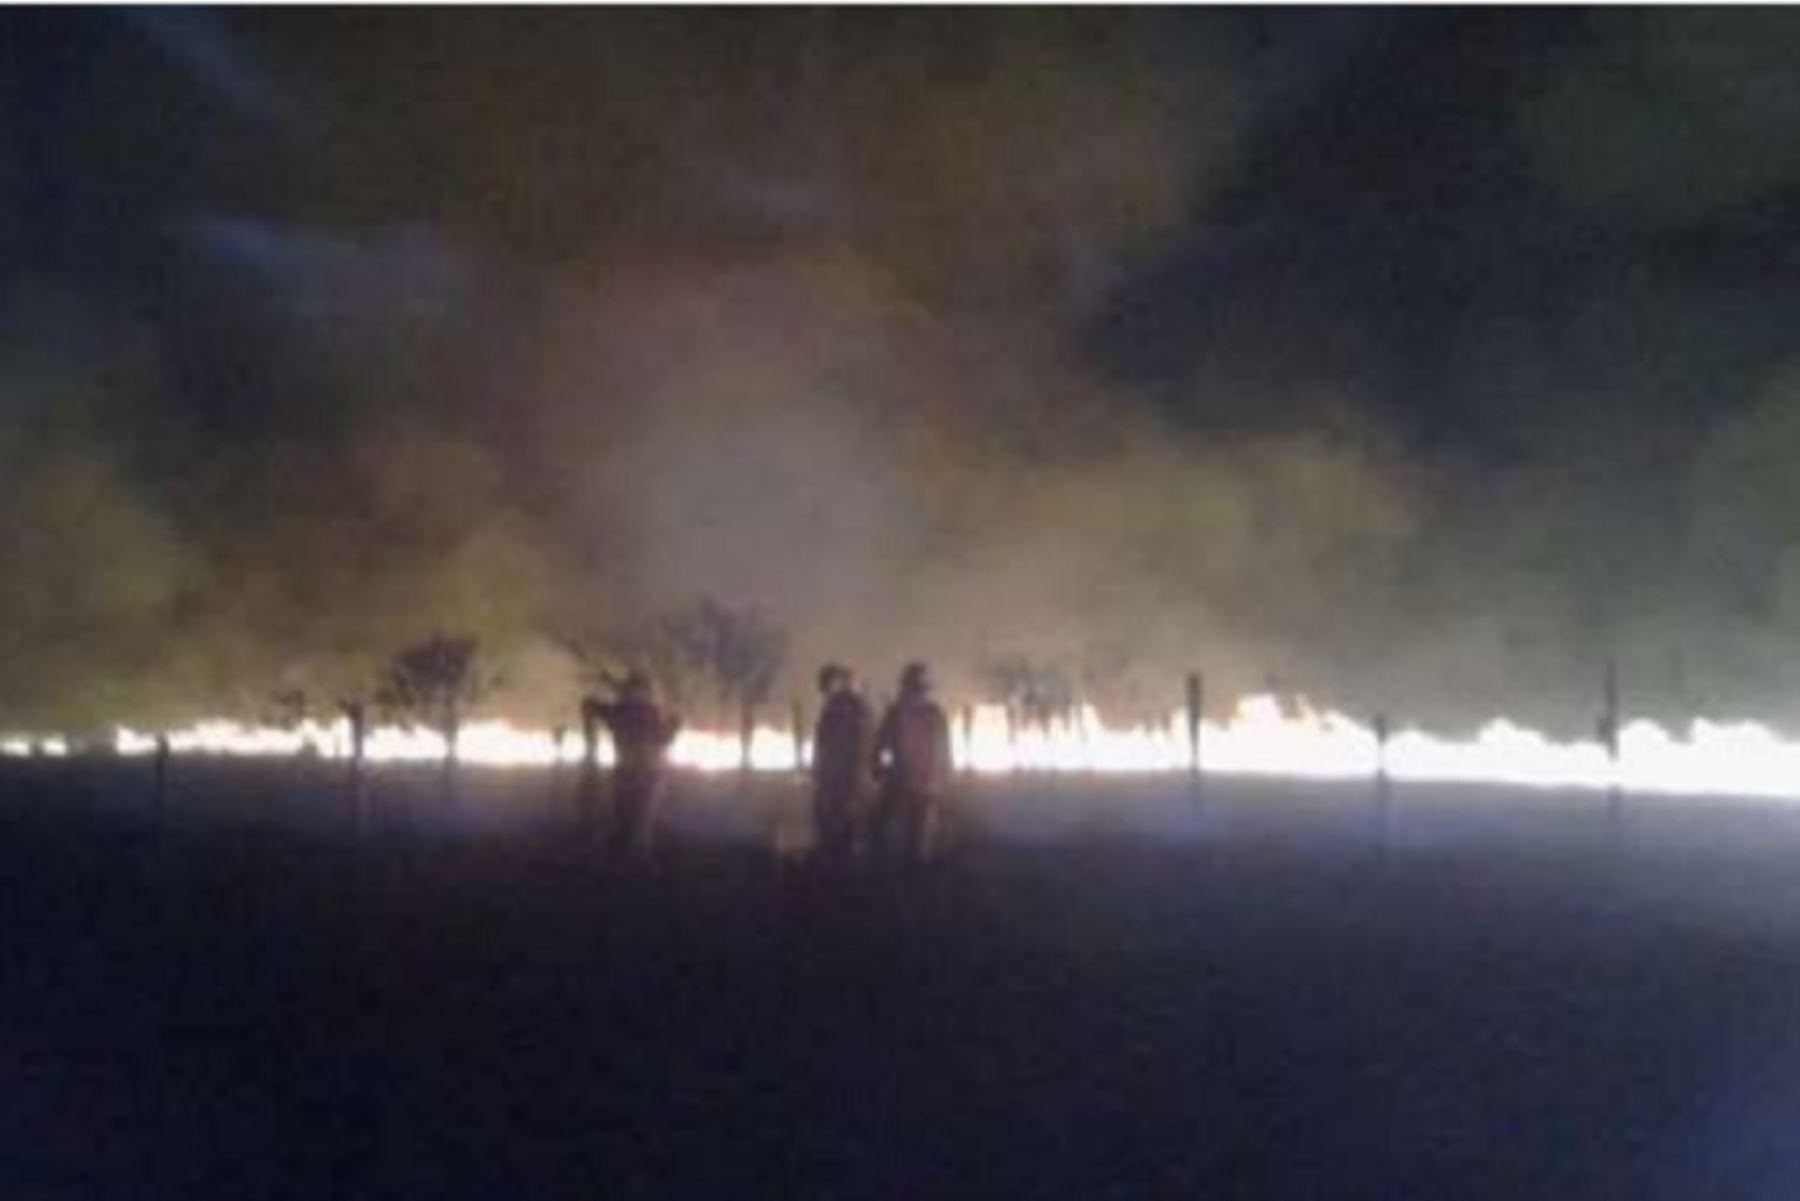 De acuerdo al Cuerpo de Bomberos, el siniestro se originó debido a la quema de basura por parte de pobladores de la zona en un área cercana a 5 hectáreas.